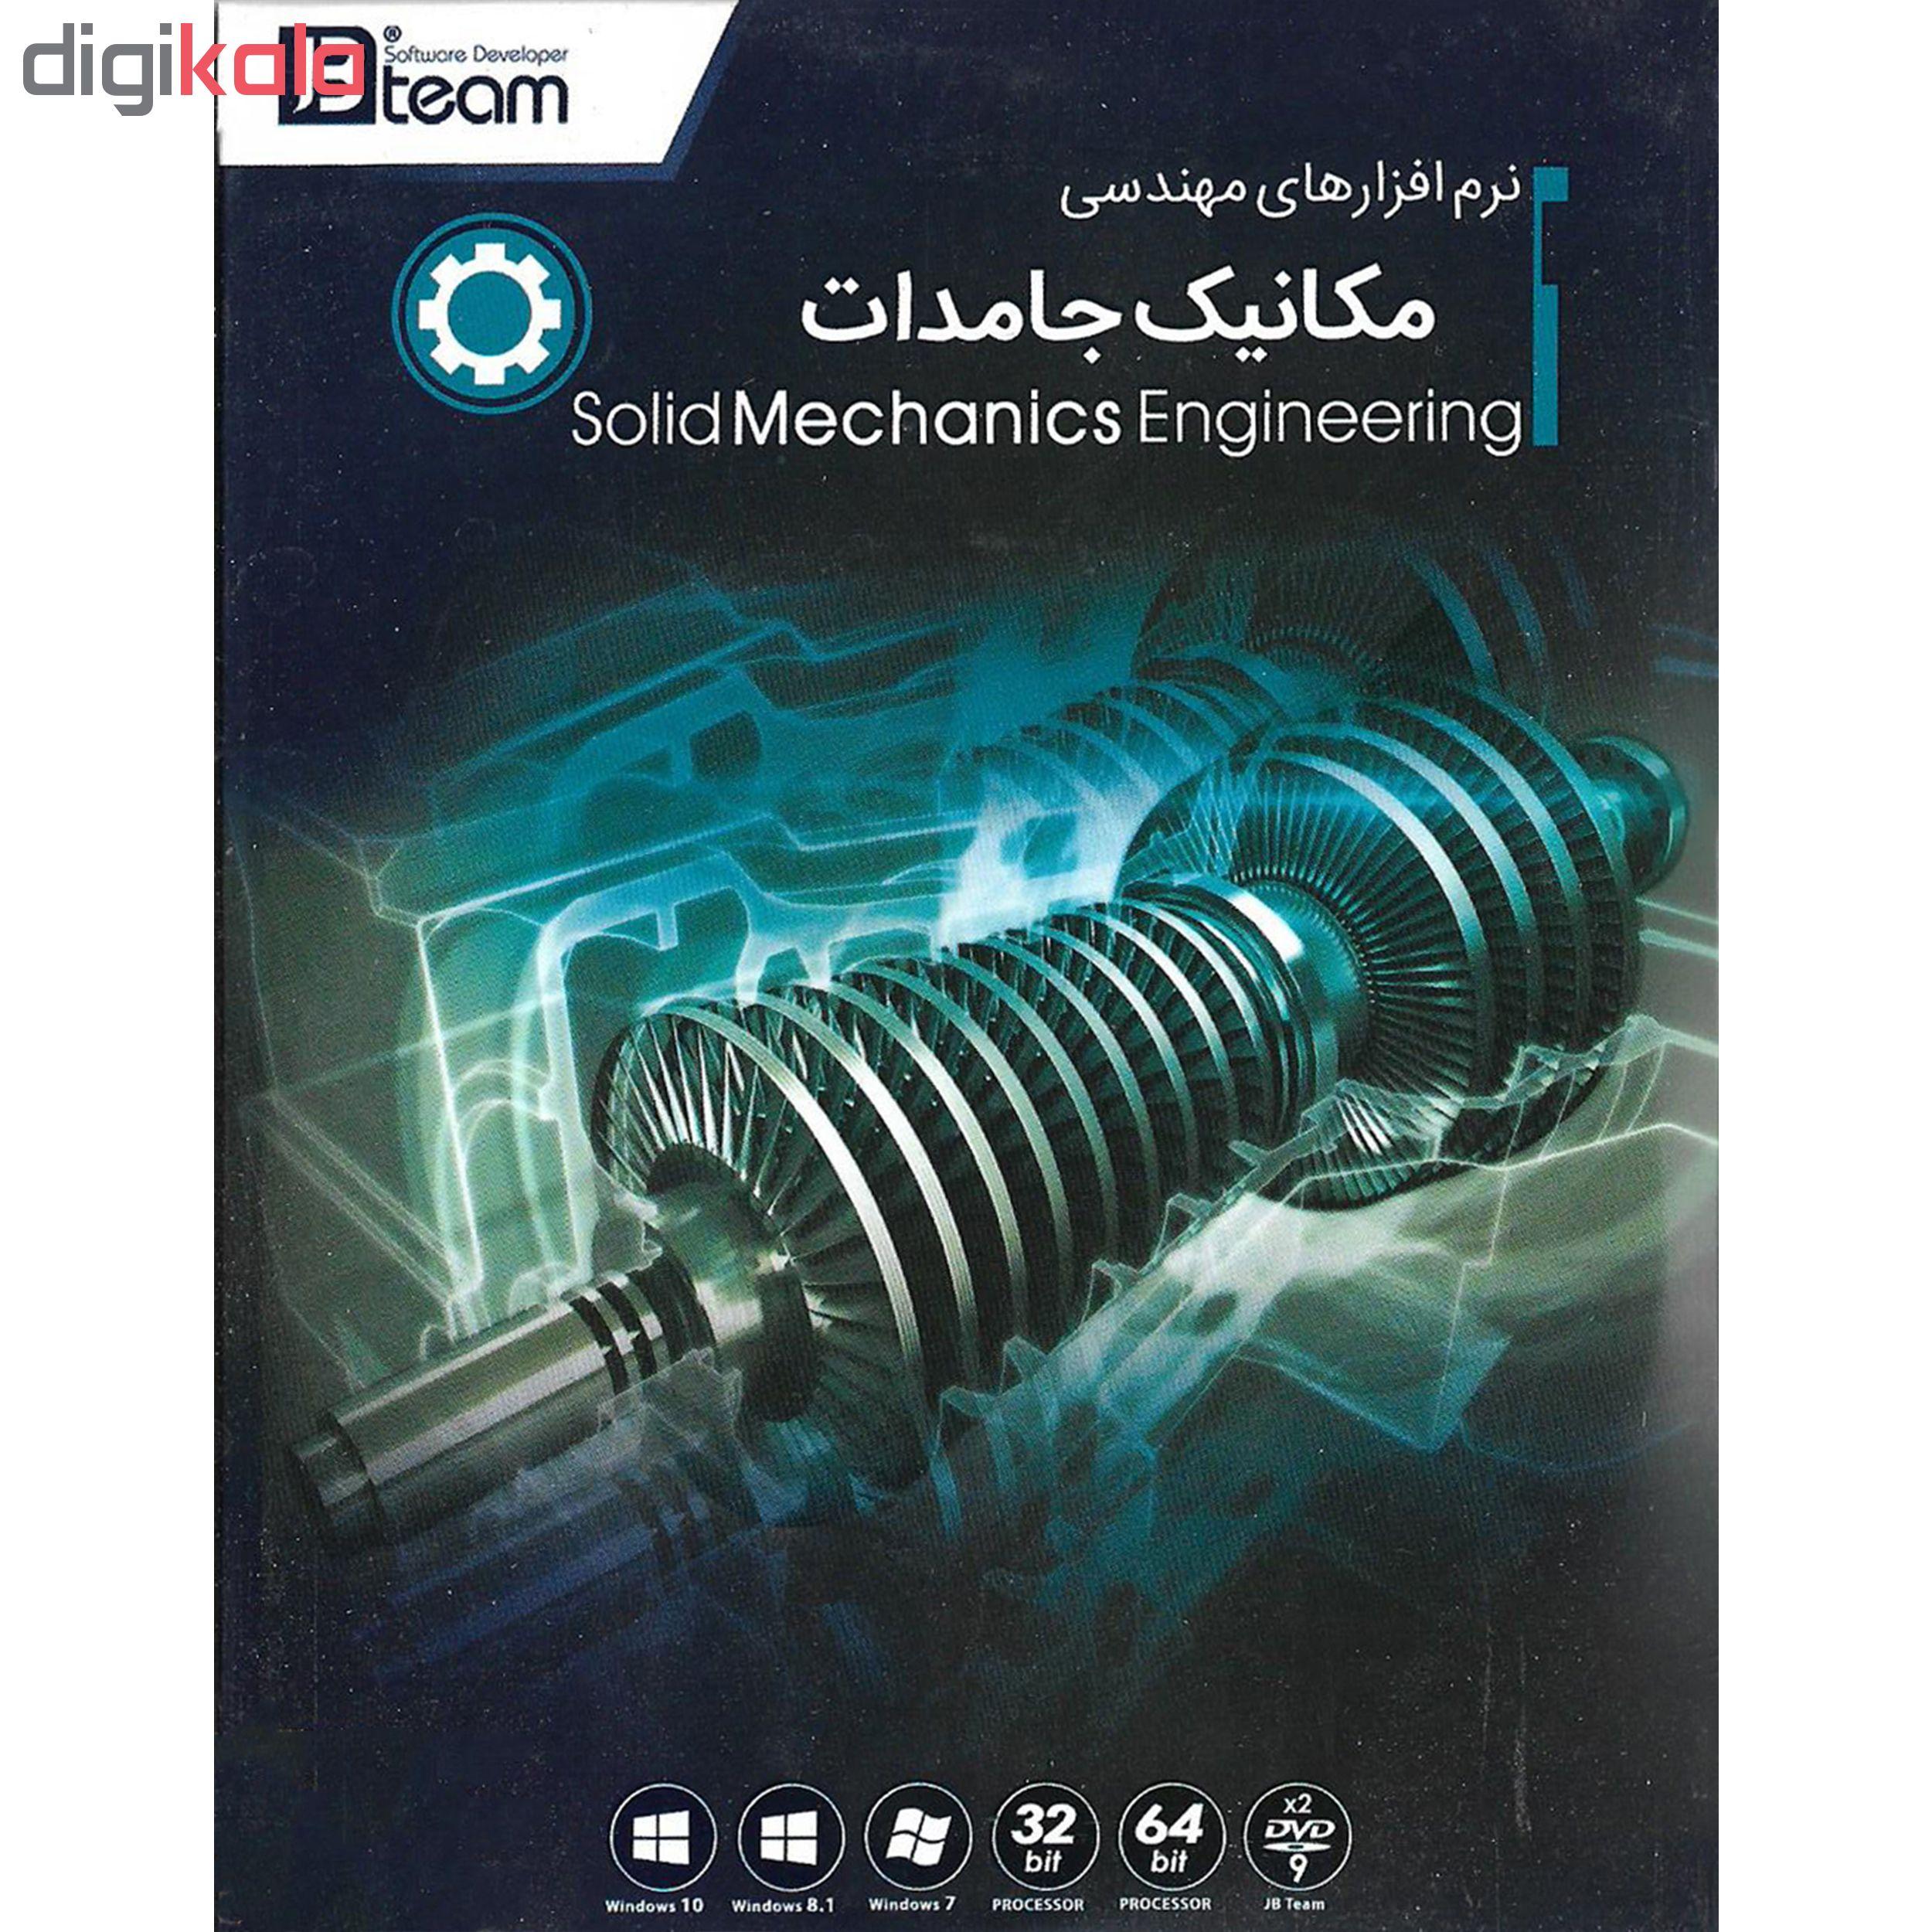 نرم افزار های مهندسی مکانیک جامدات نشر جی بی تیم